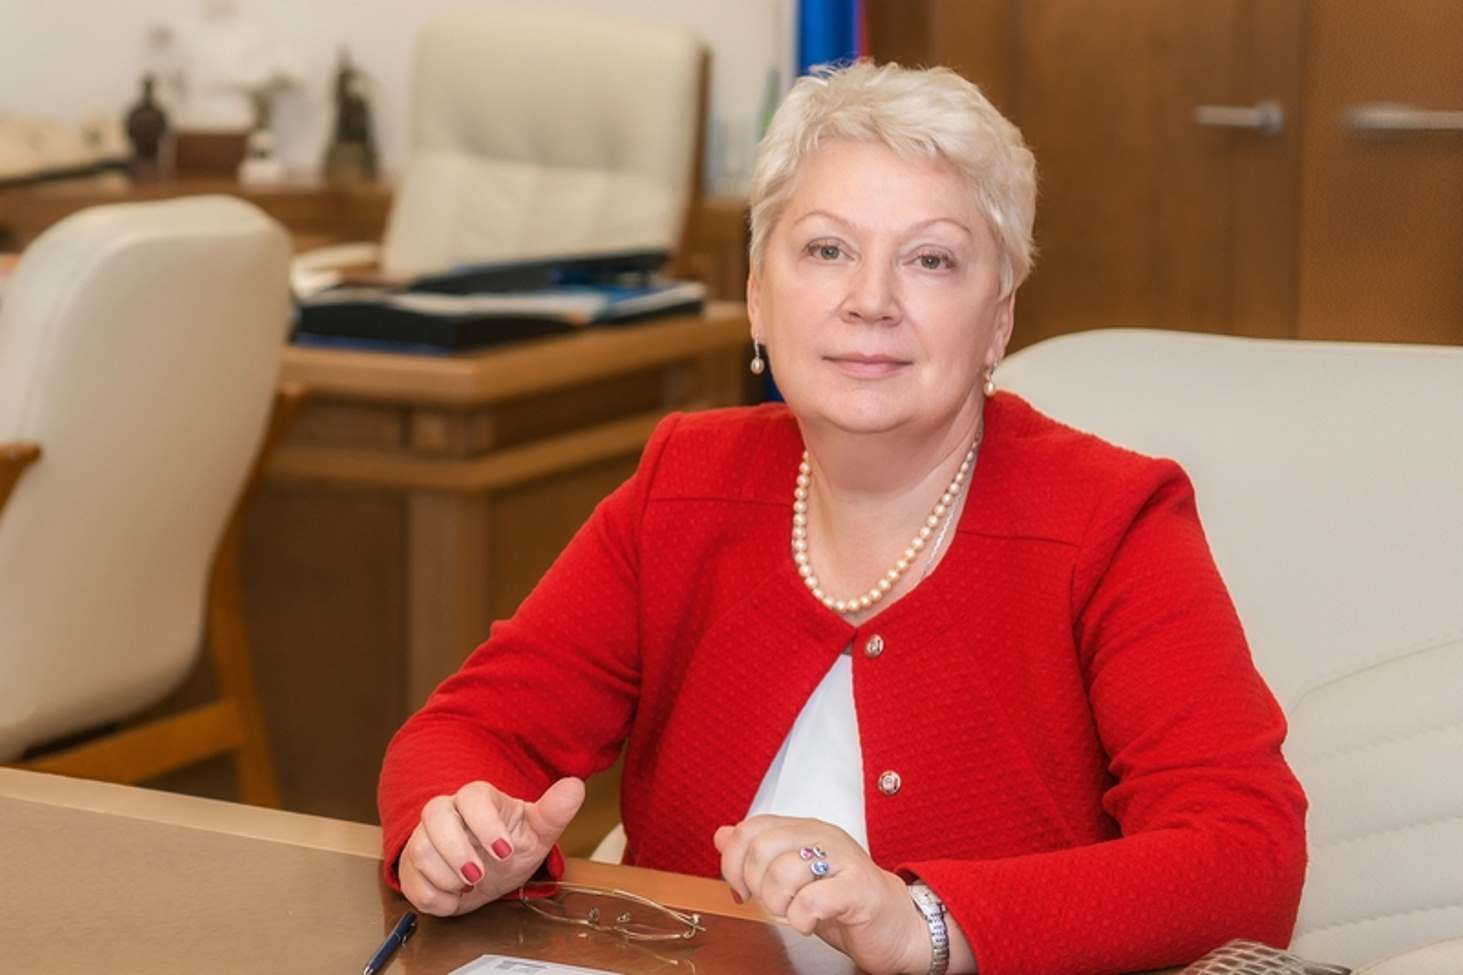 olga-vasileva-na-vhode-v-shkolah-vnedryat-sistemu-raspoznavaniya-lits